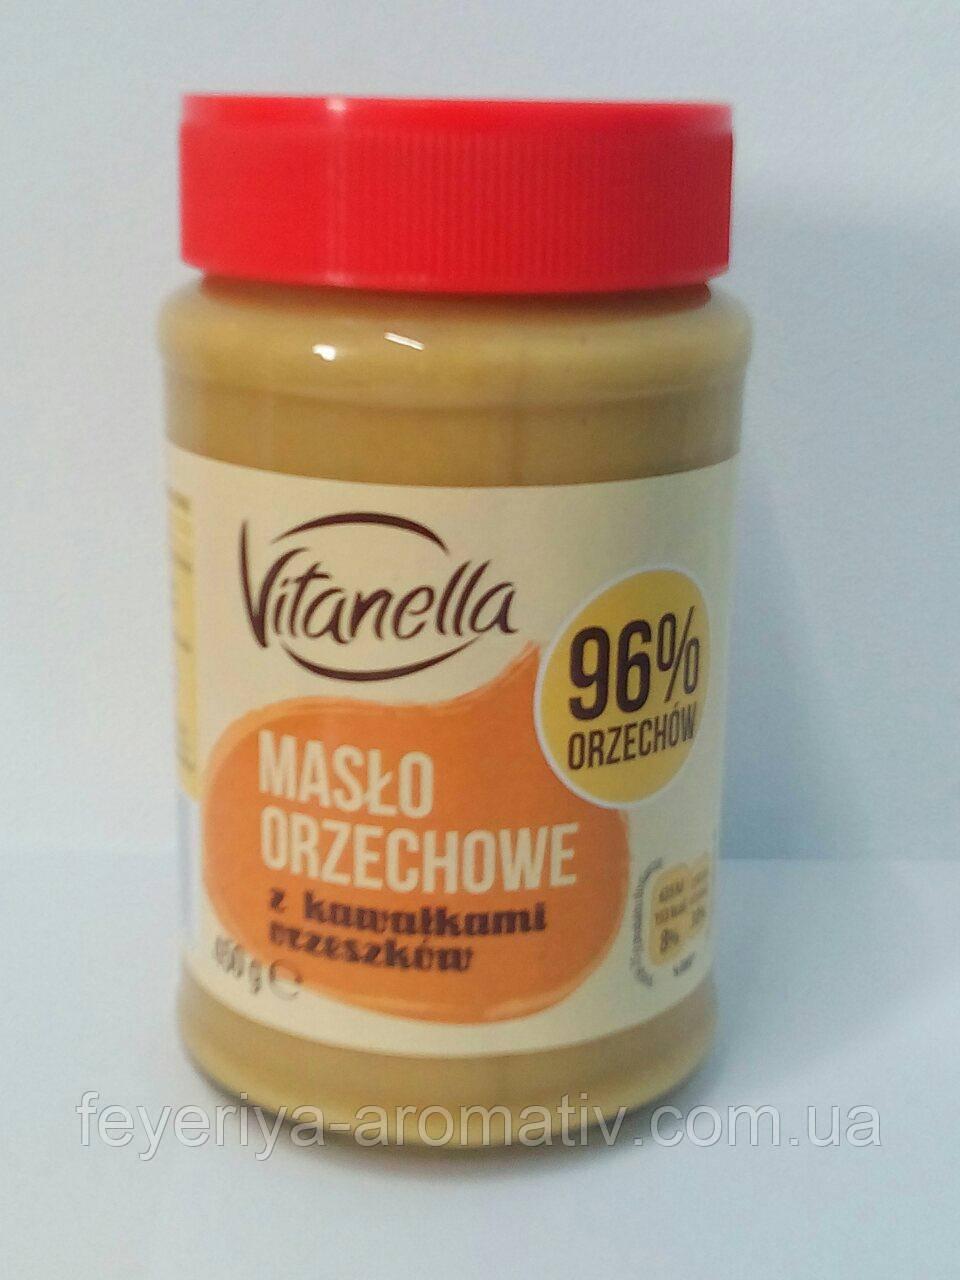 Арахисовое масло с кусочками арахиса Vitanella, 450 g (Польша)